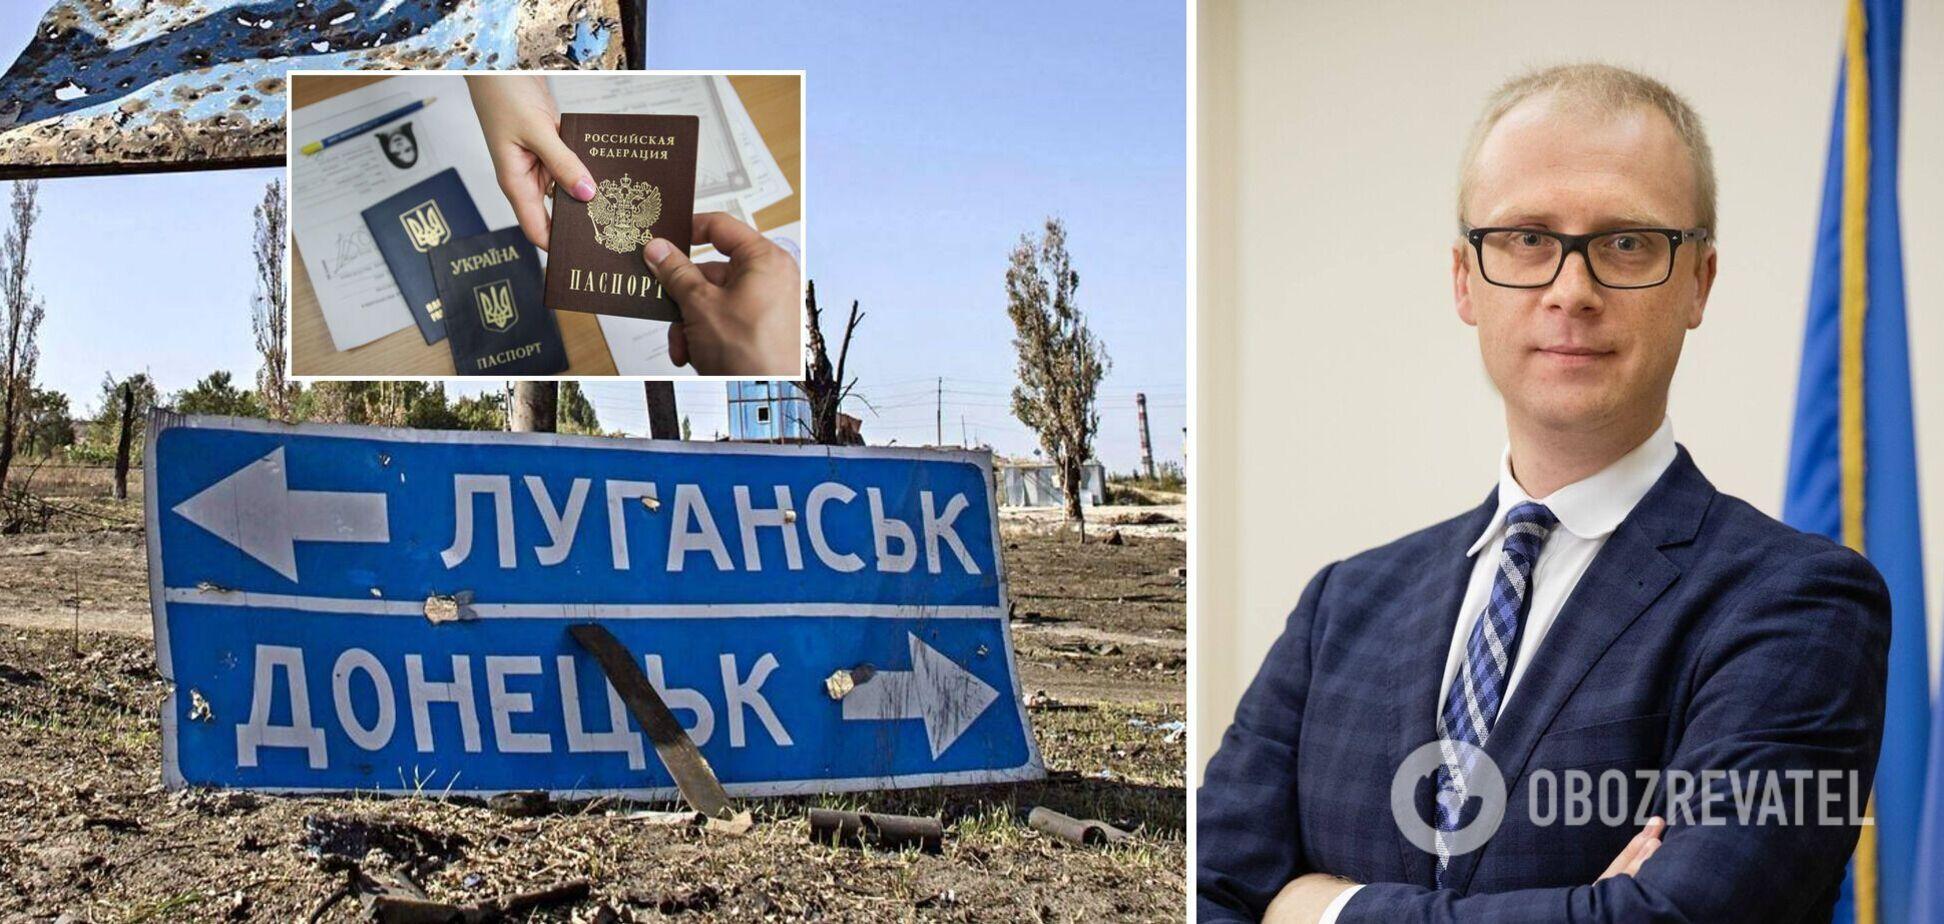 Російська партія зібралася відкрити офіс на Донбасі: у МЗС відреагували